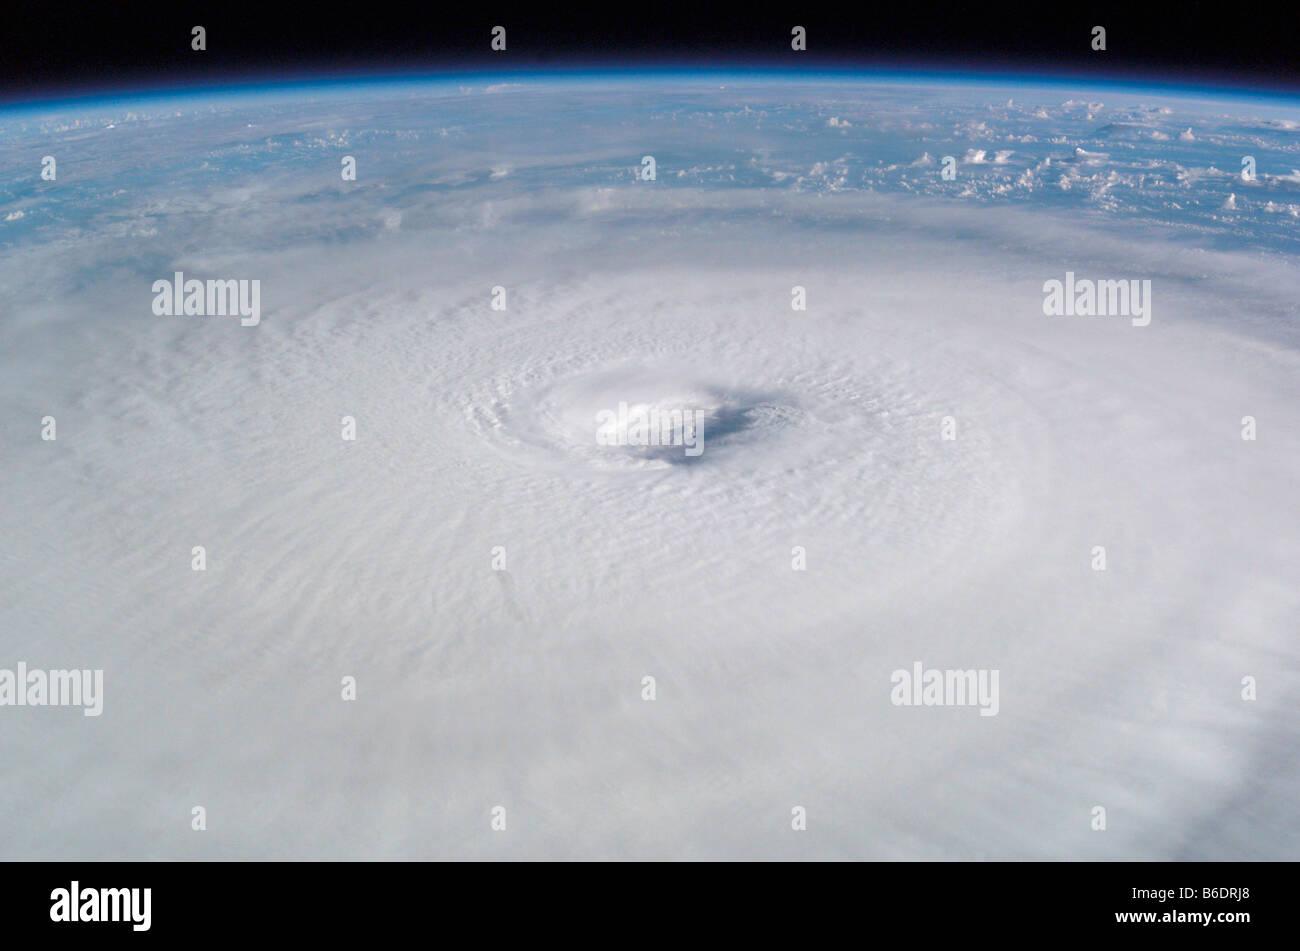 Uragano Isabel. Questa immagine è stata scattata dalla Stazione Spaziale Internazionale il 13 settembre 2003. Immagini Stock